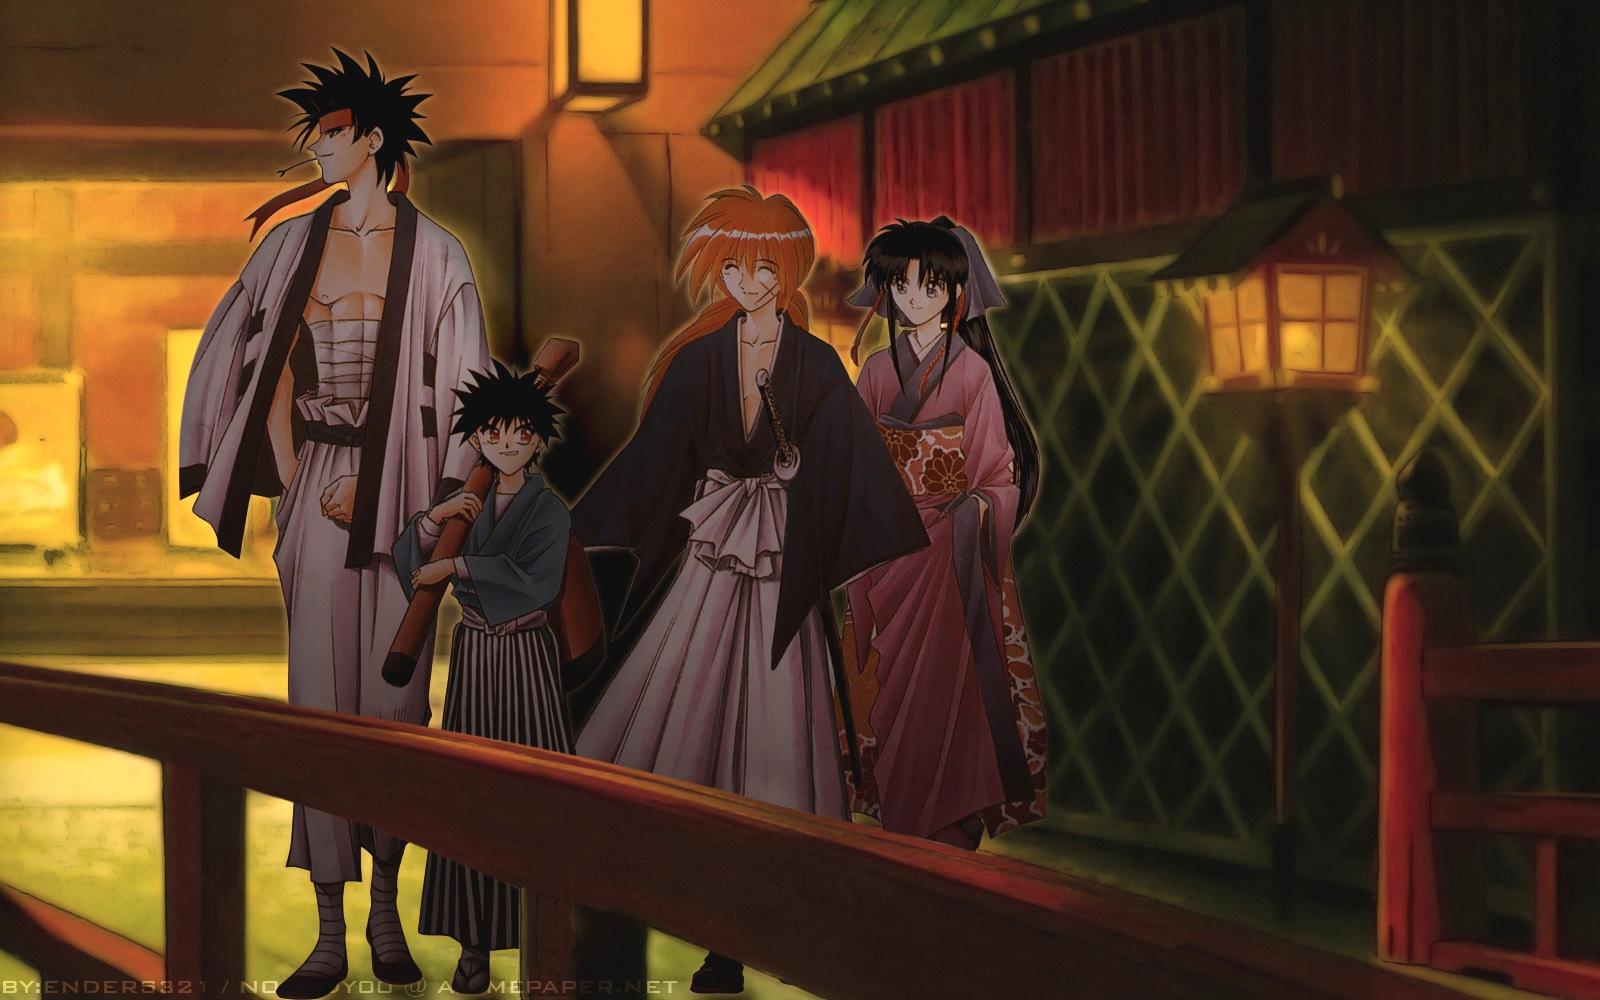 Samurai x subtitle indonesia pusat blog anime